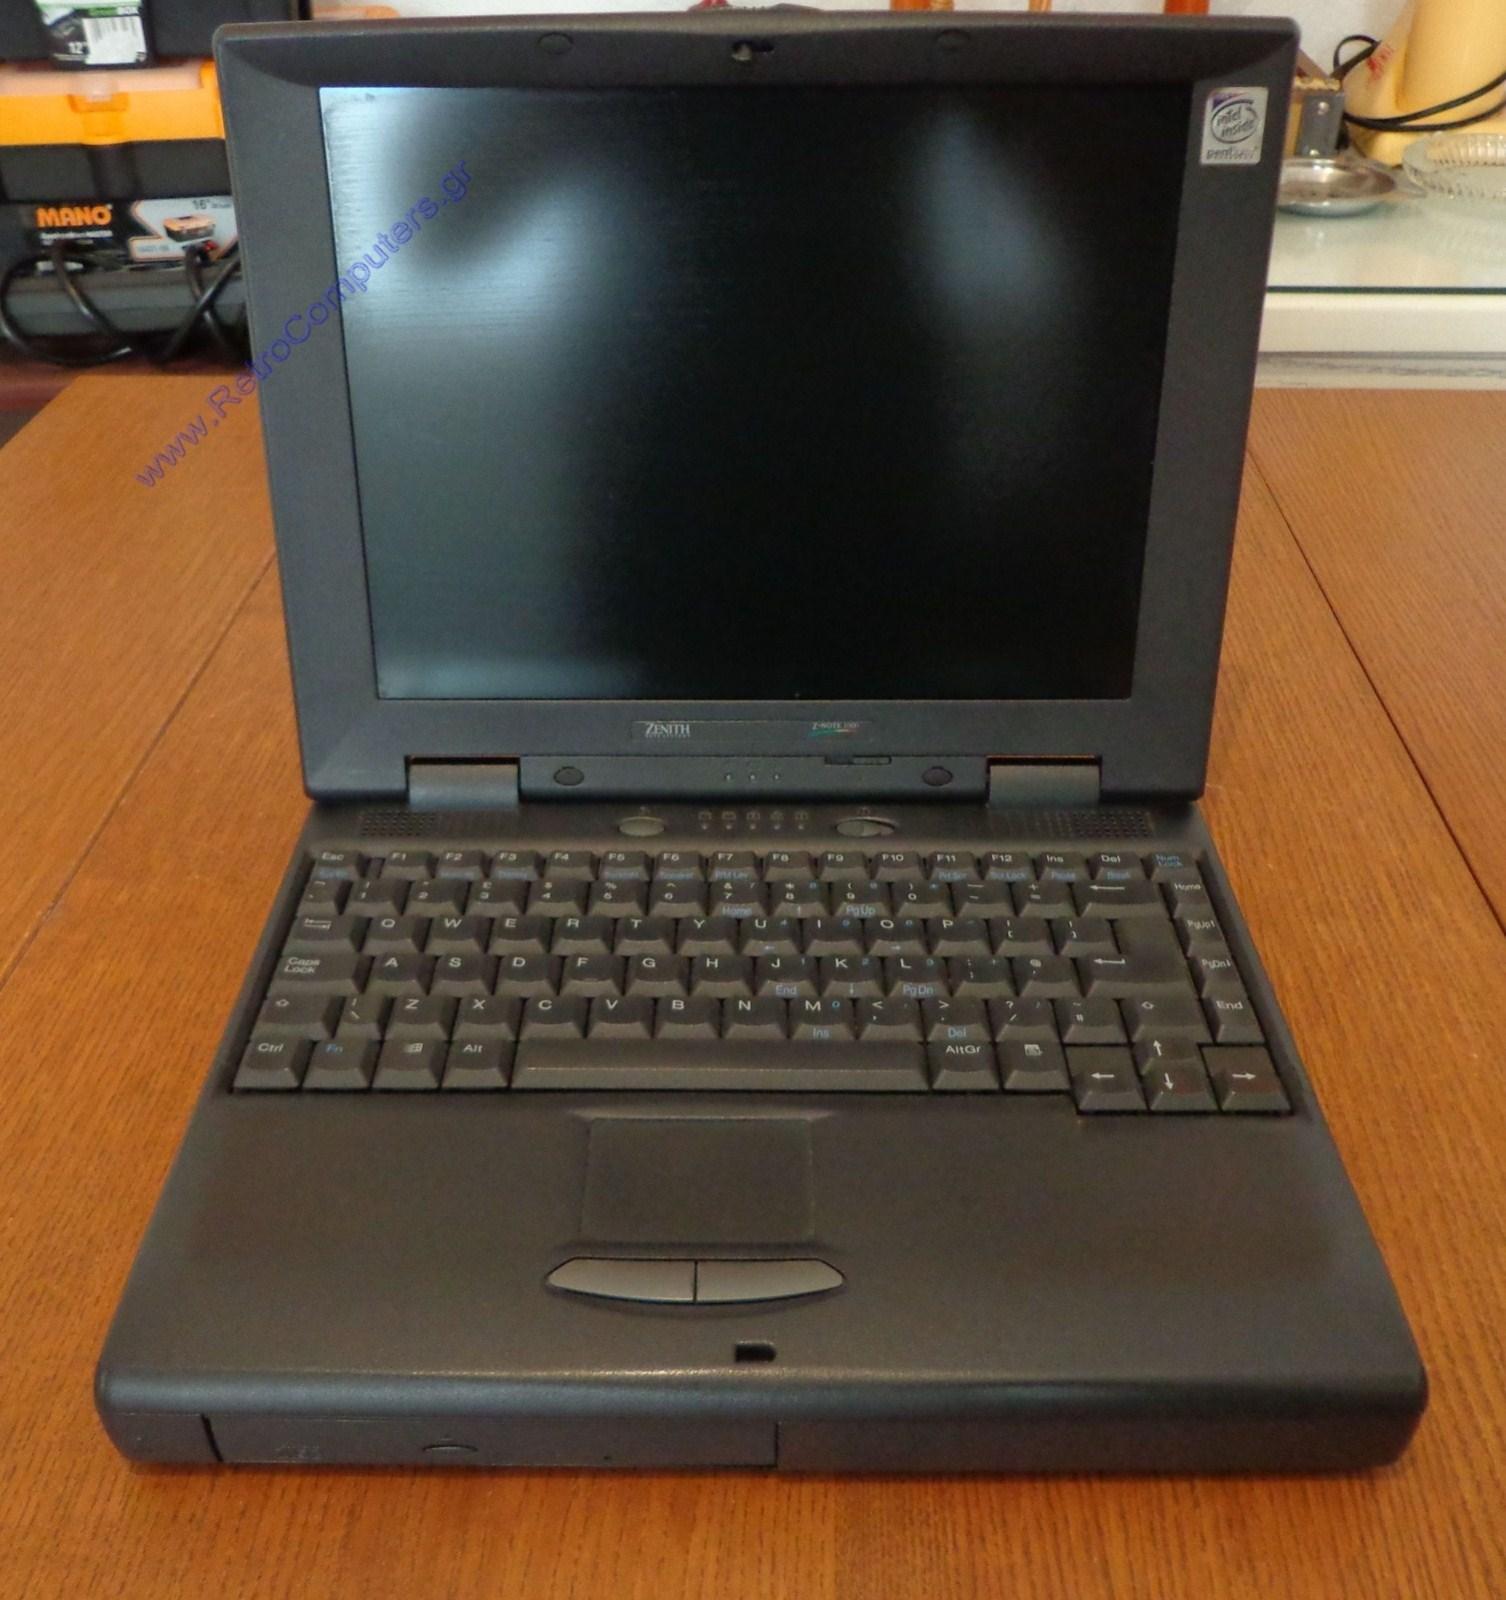 Υπολογιστές - Category: Zenith Z-Note 1000 (Laptop) - Image